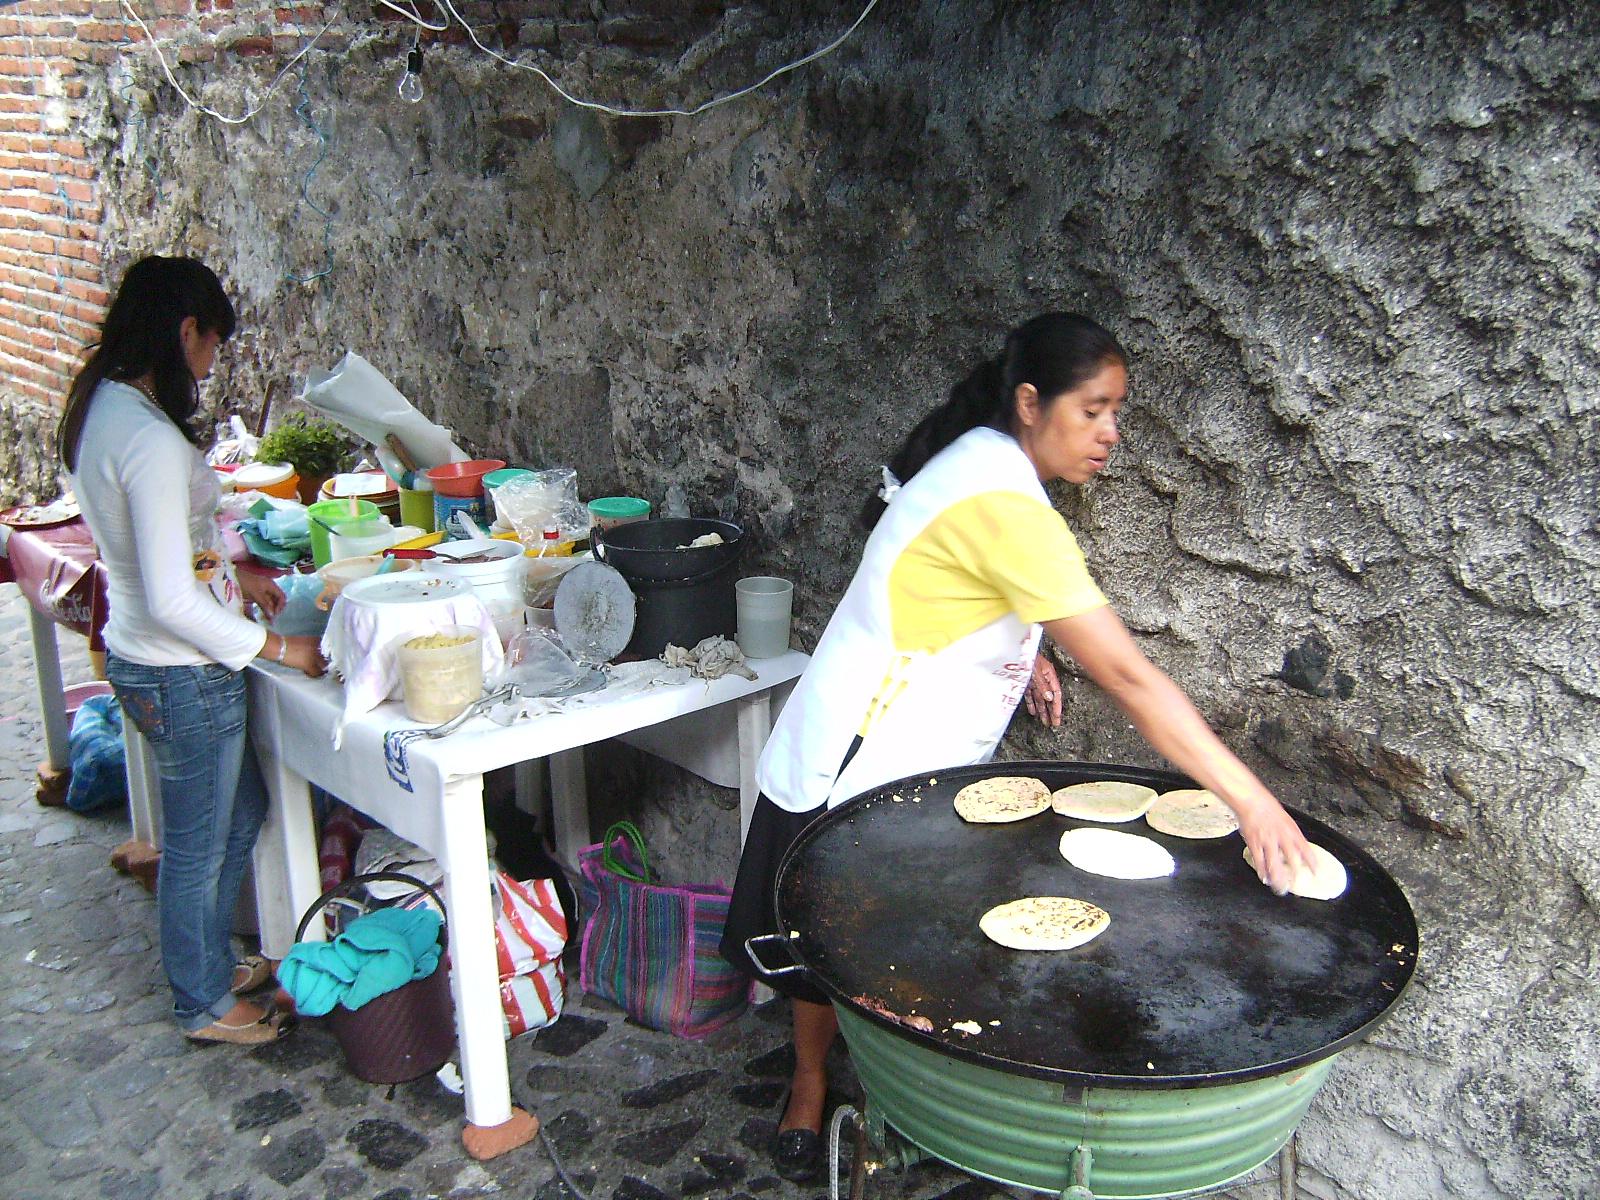 Comida en la calle de Taxco, México